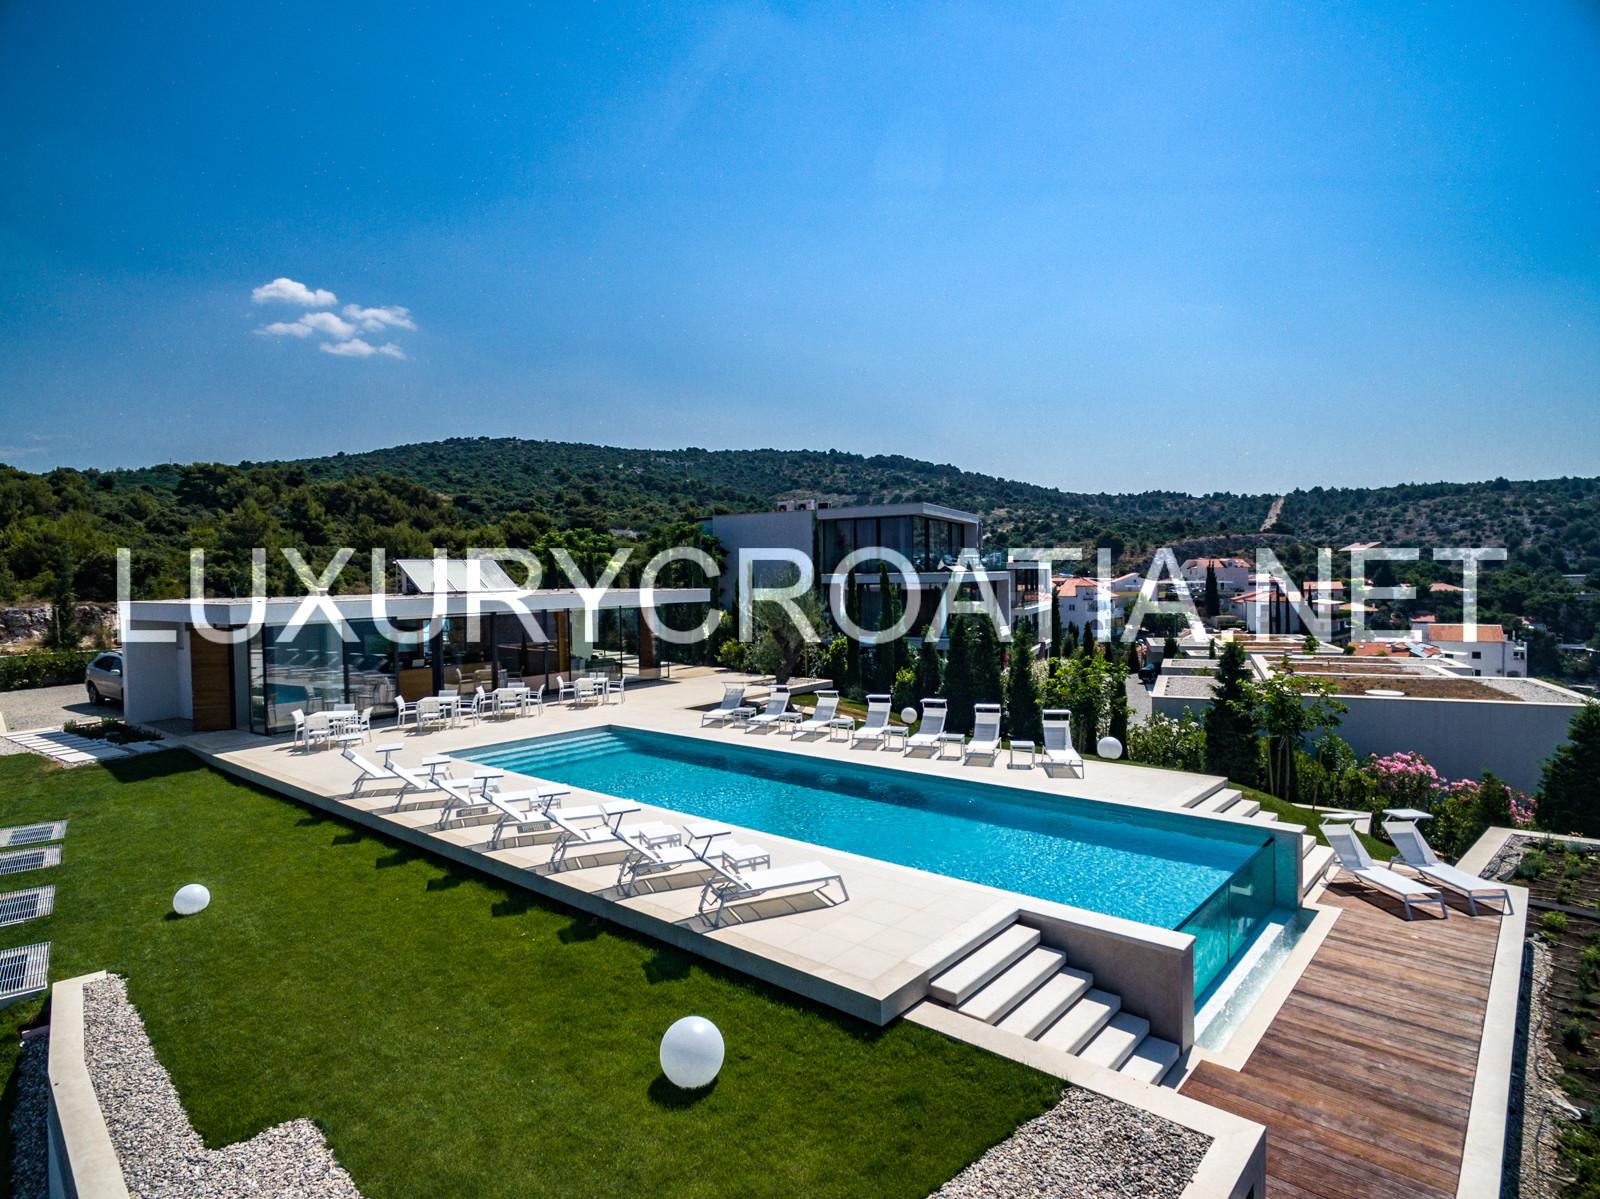 LuxuryCroatia.net